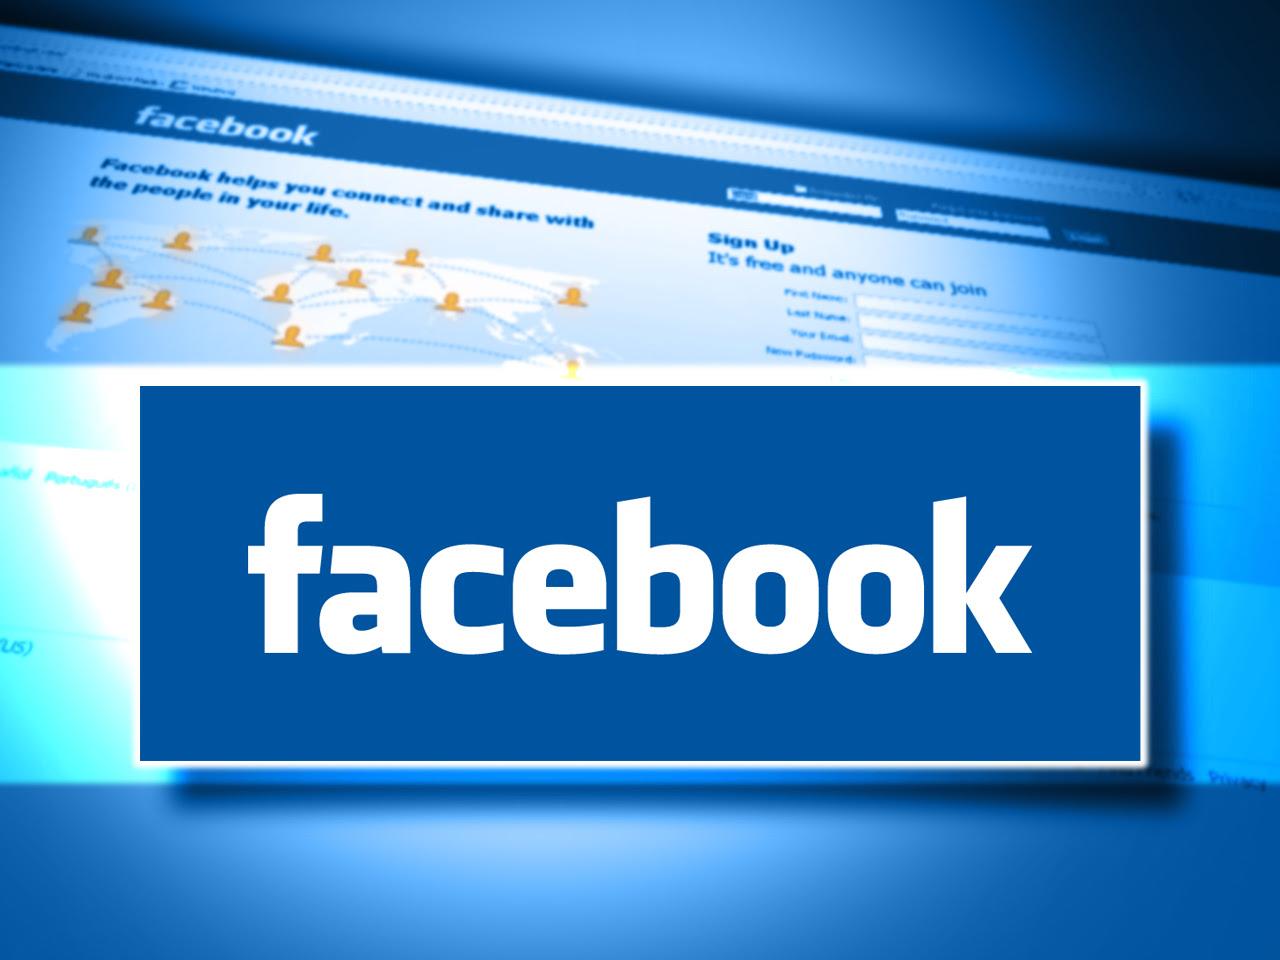 اضافه اداة الاعجاب لصفحه فيس بوك